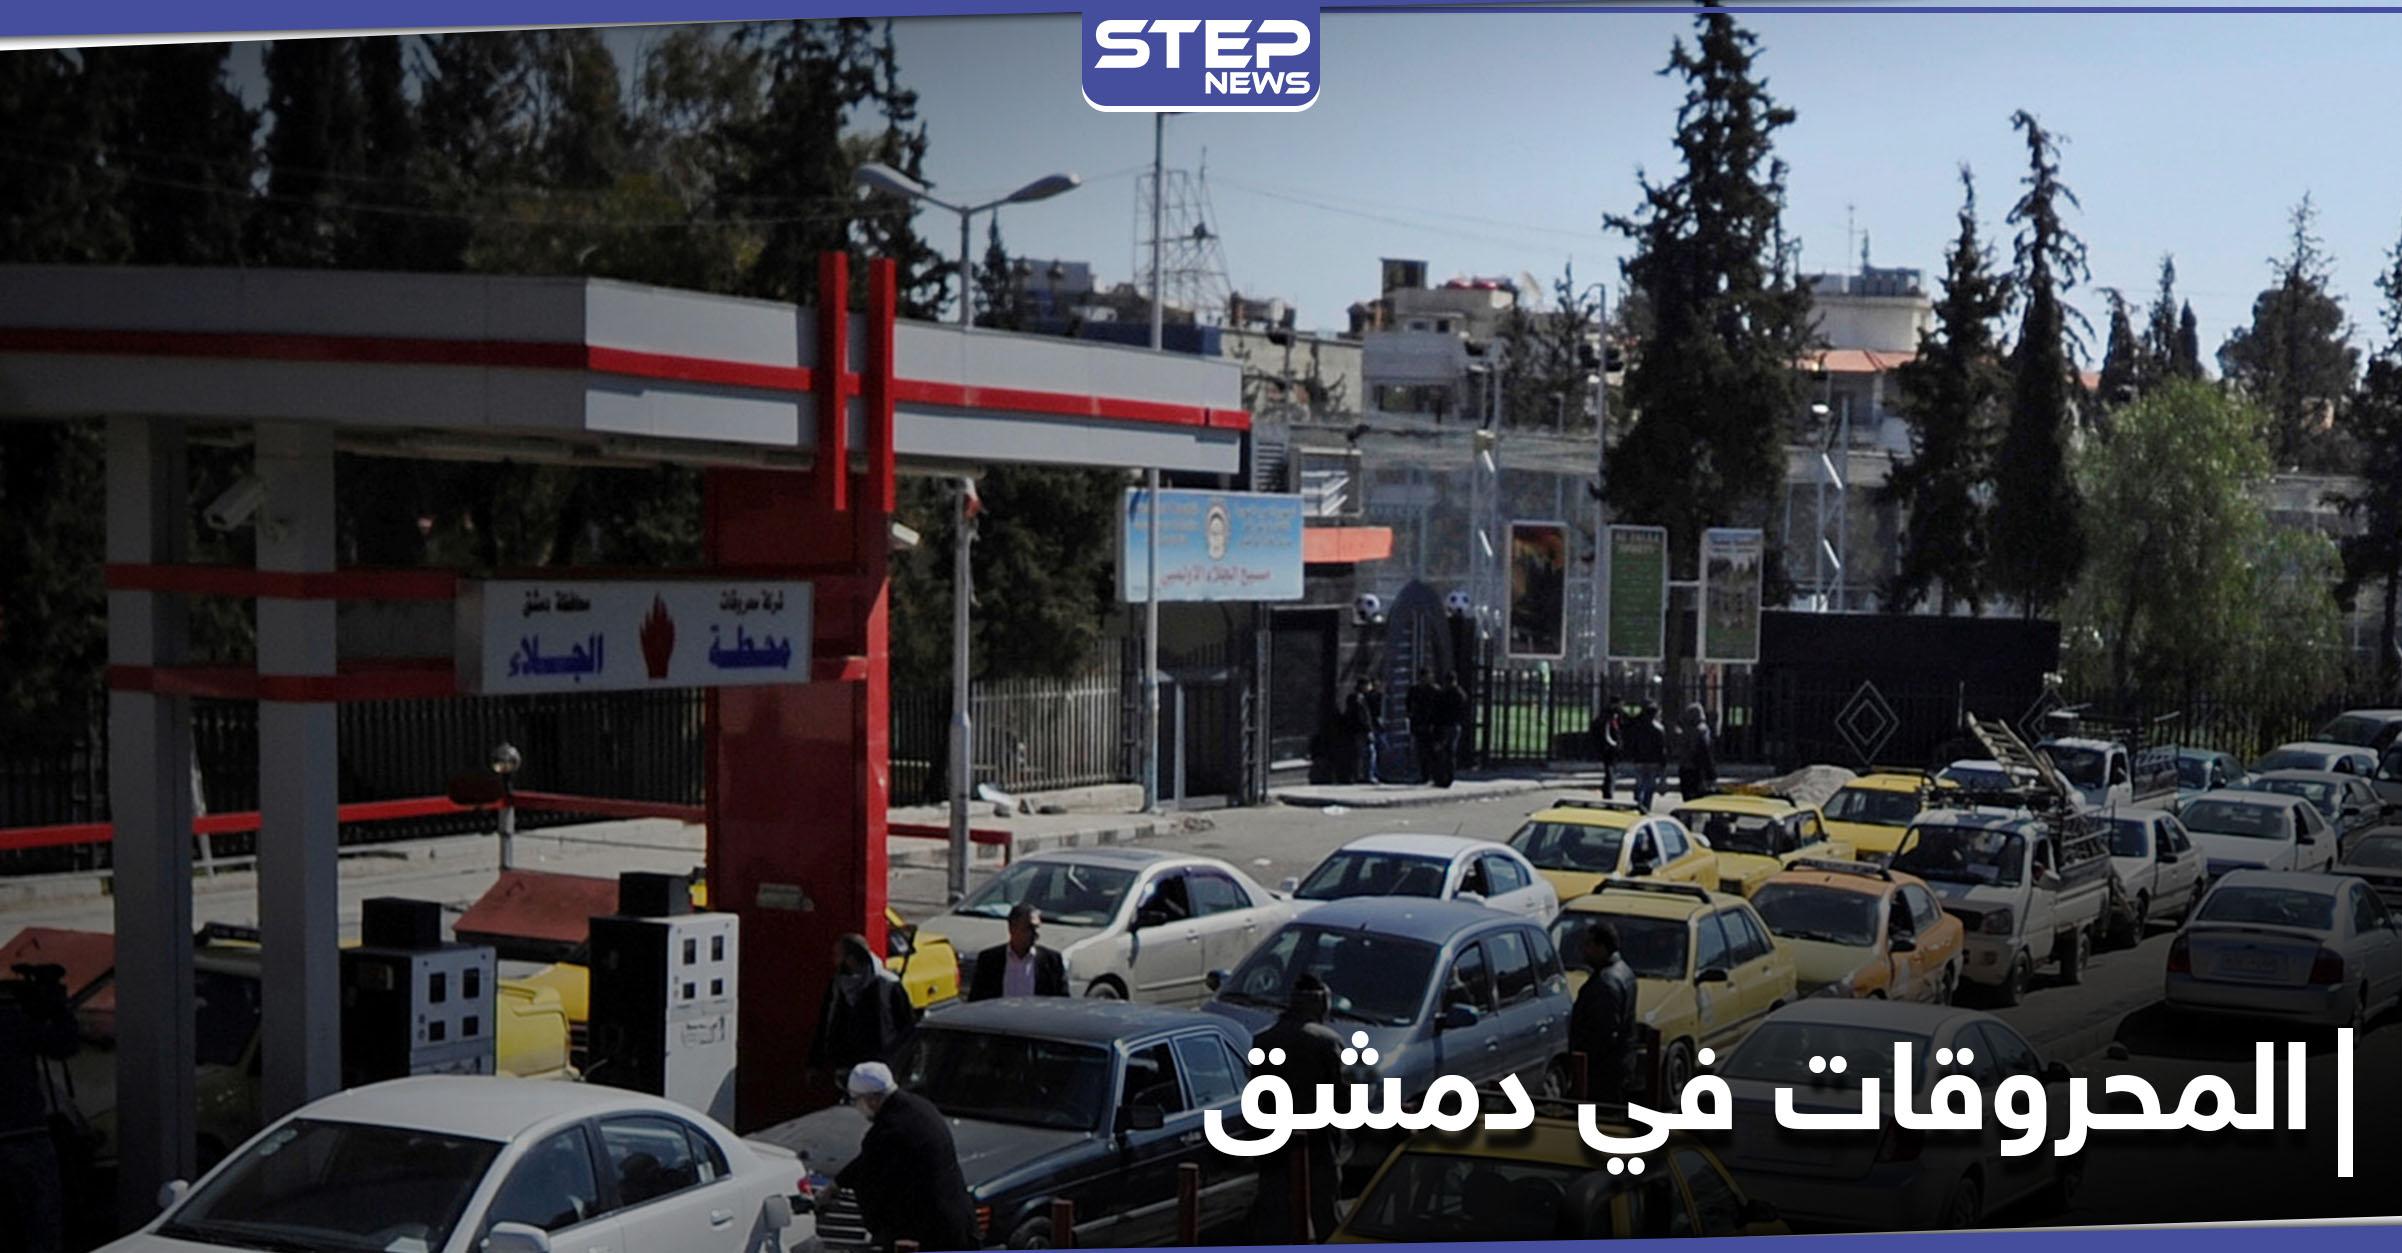 قرارات جديدة من حكومة النظام السوري بخصوص تعبئة البنزين للسيارات العمومي والدراجات النارية